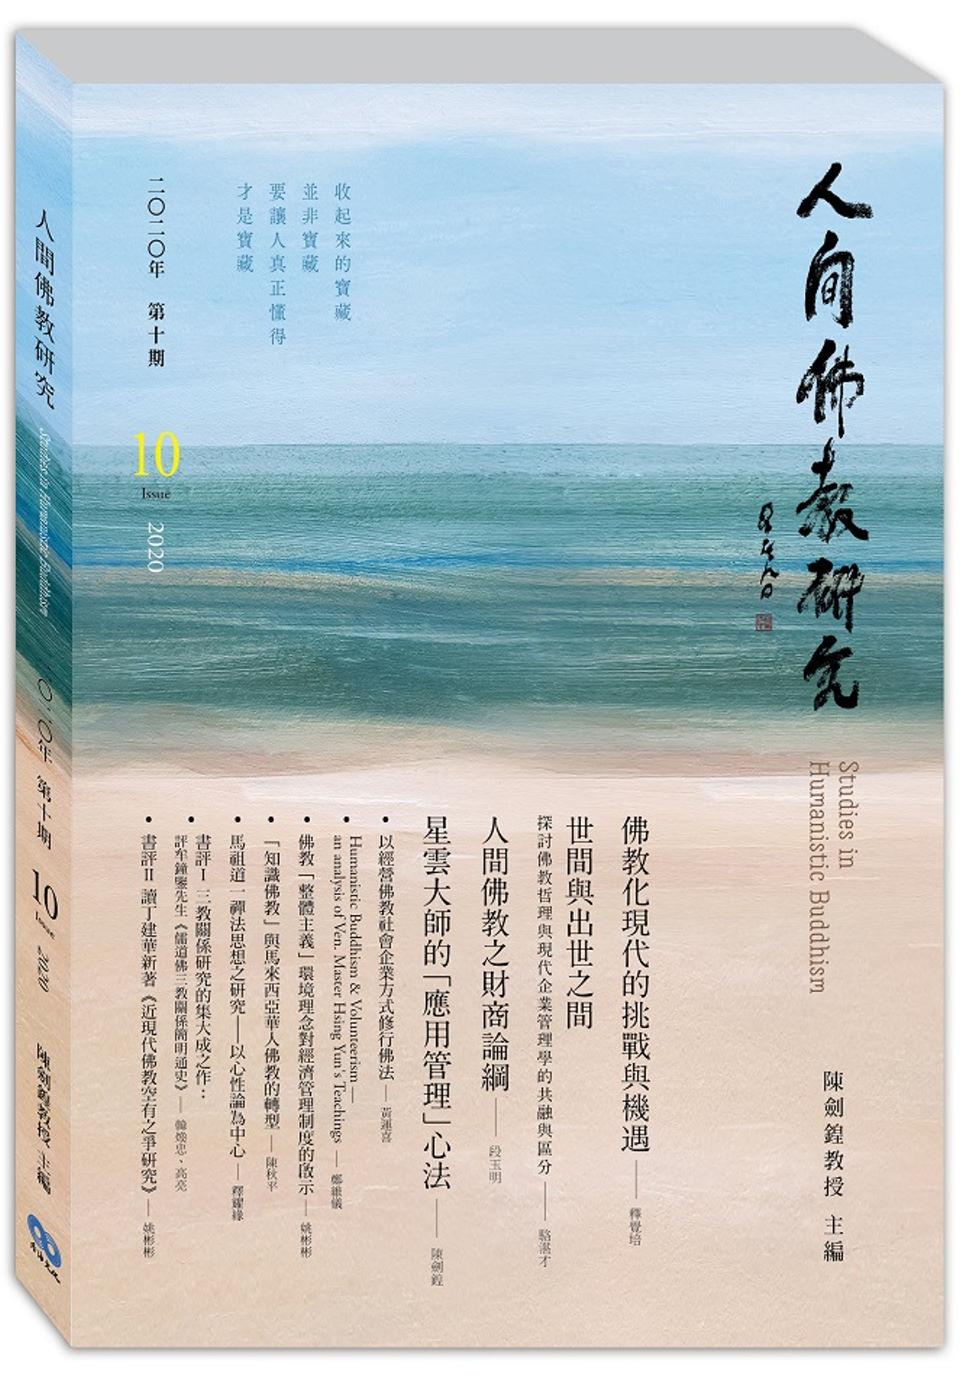 人間佛教研究第10期